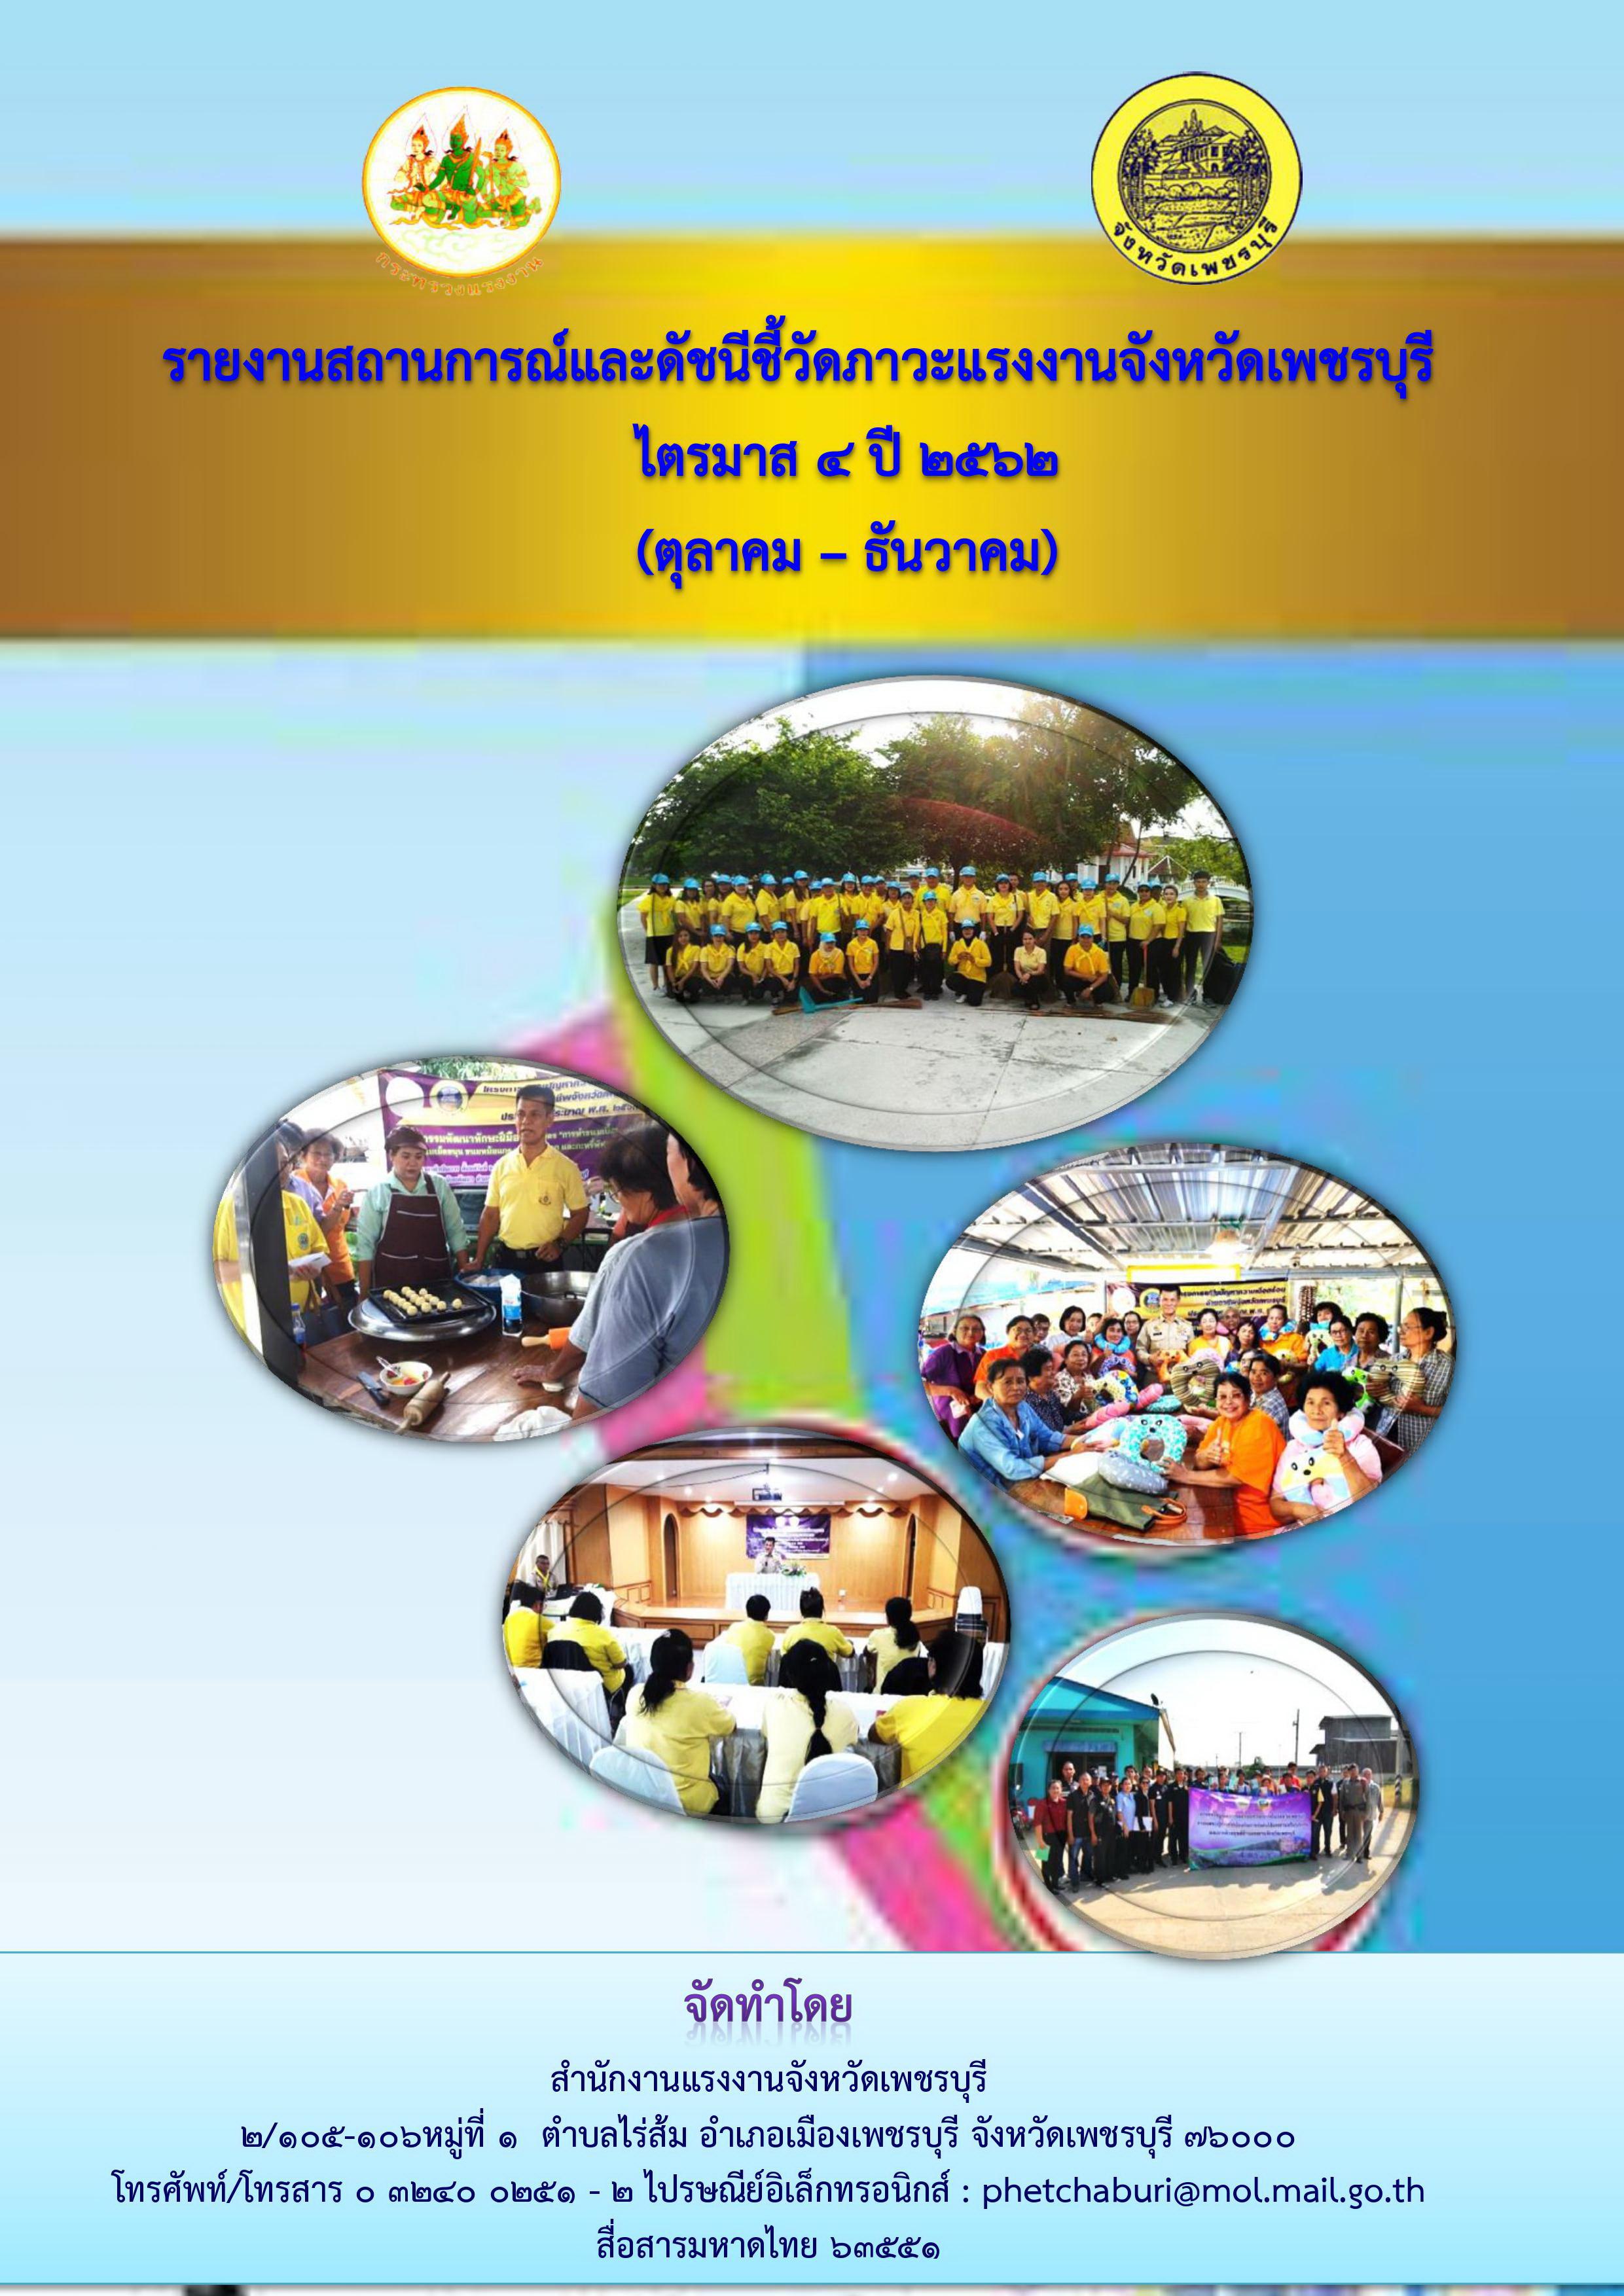 รายงานสถานการณ์แรงงานจังหวัดเพชรบุรี ไตรมาสที่ 4 ปี 2562 (ต.ค.-ธ.ค.)